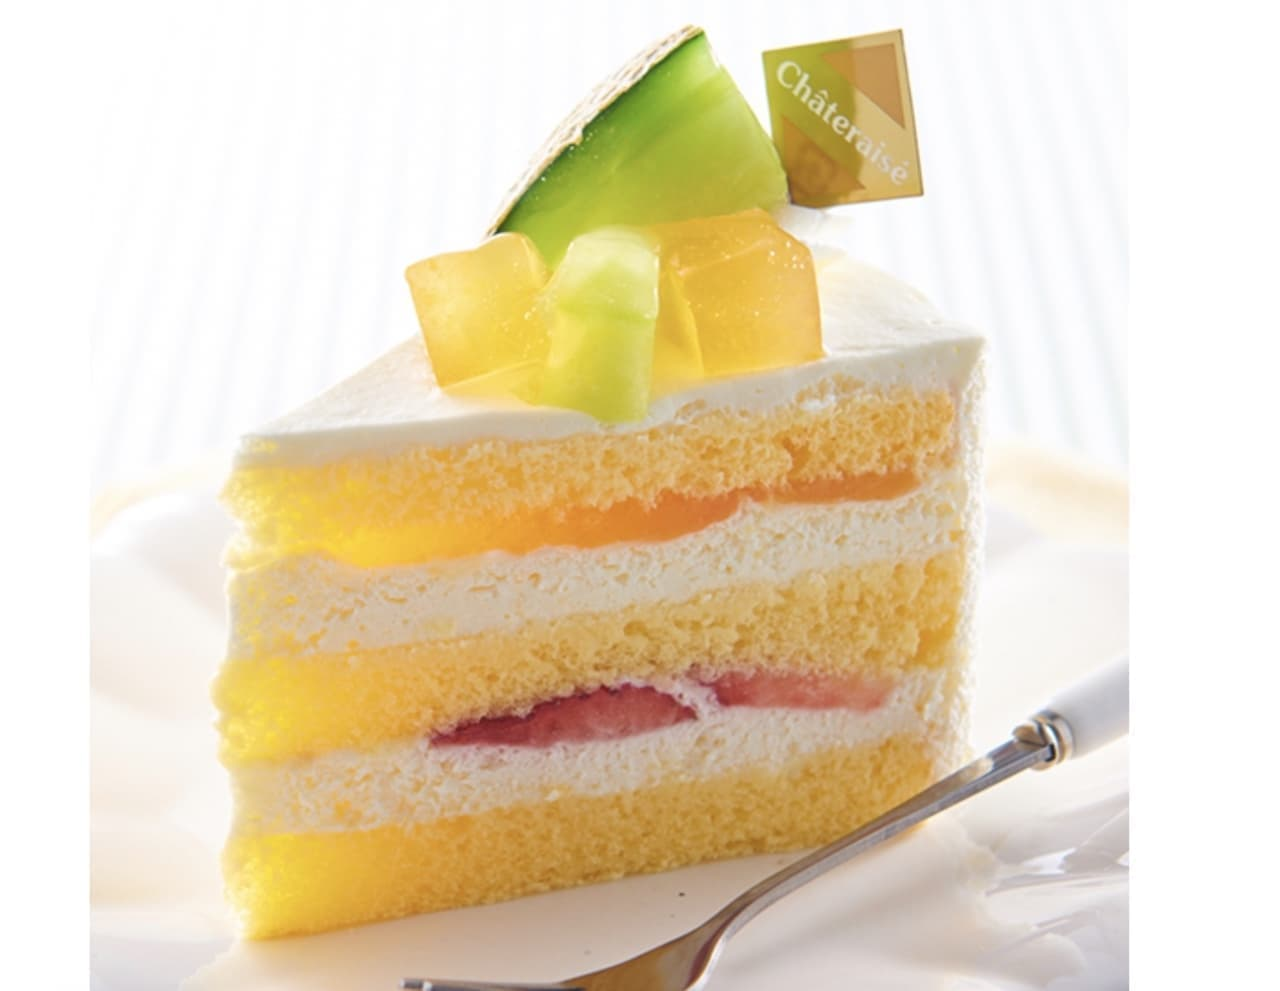 シャトレーゼ「メロンのプレミアム純生クリームショートケーキ」